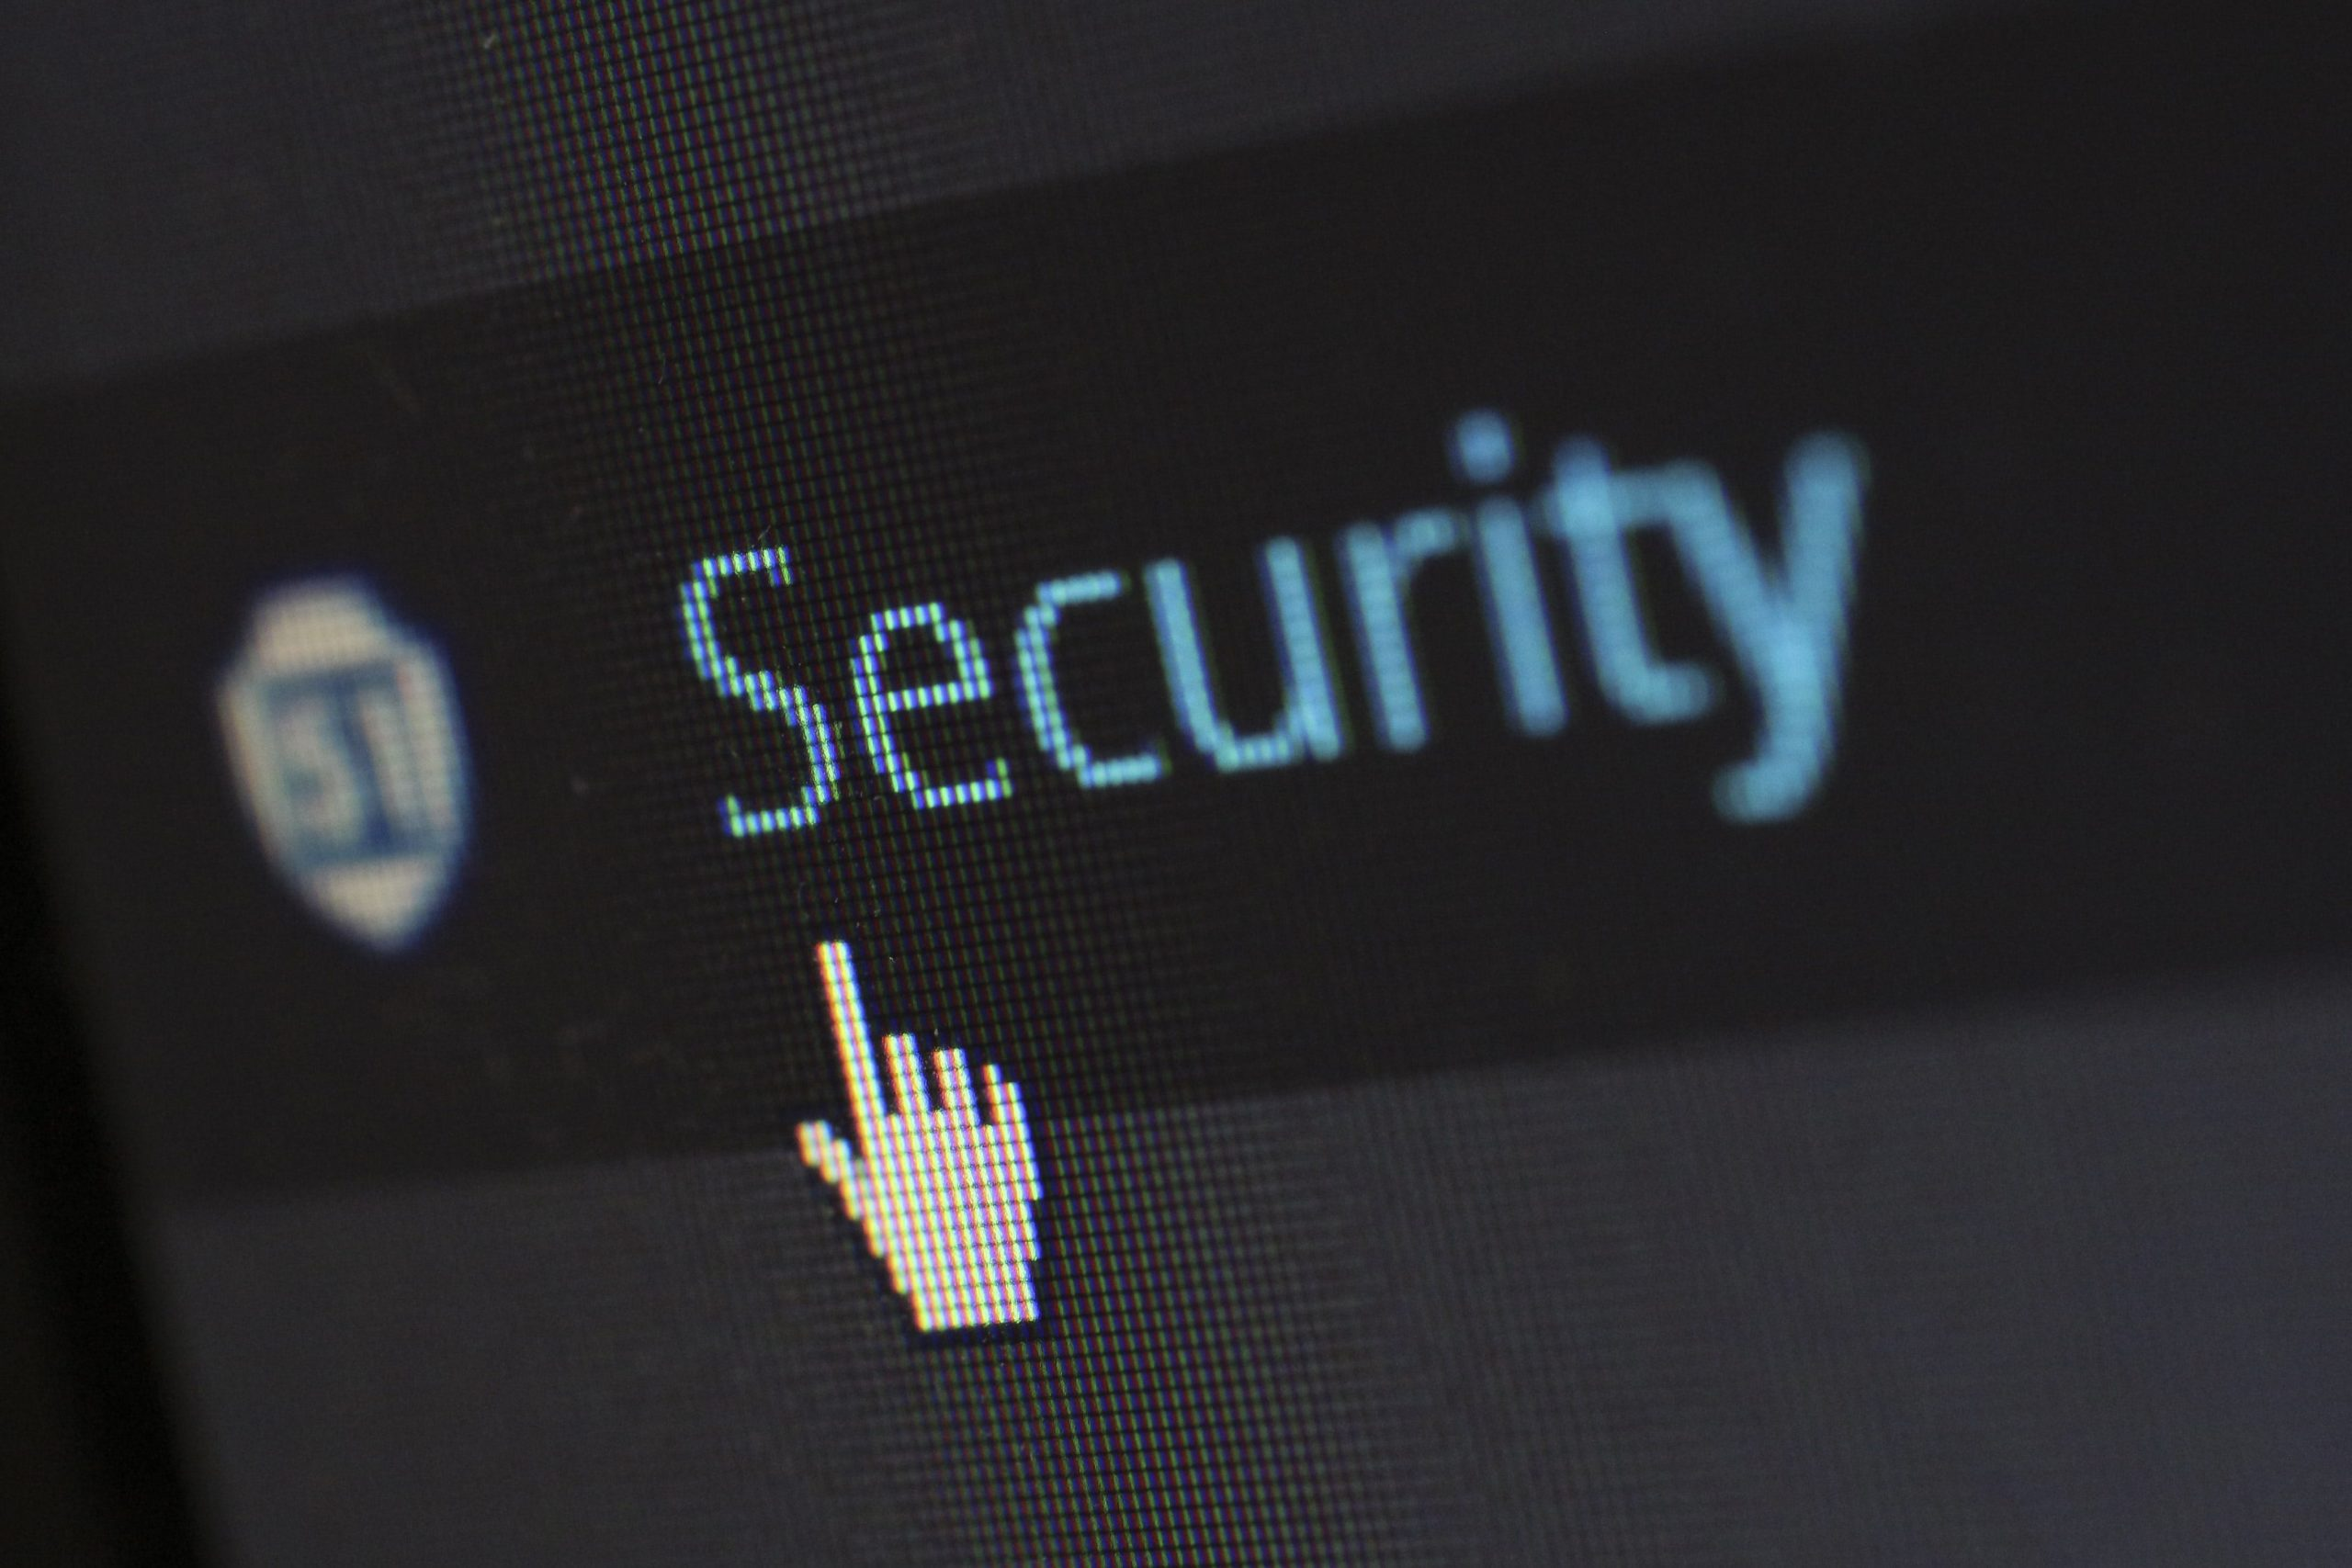 Tipos de ciberataques y amenazas informáticas